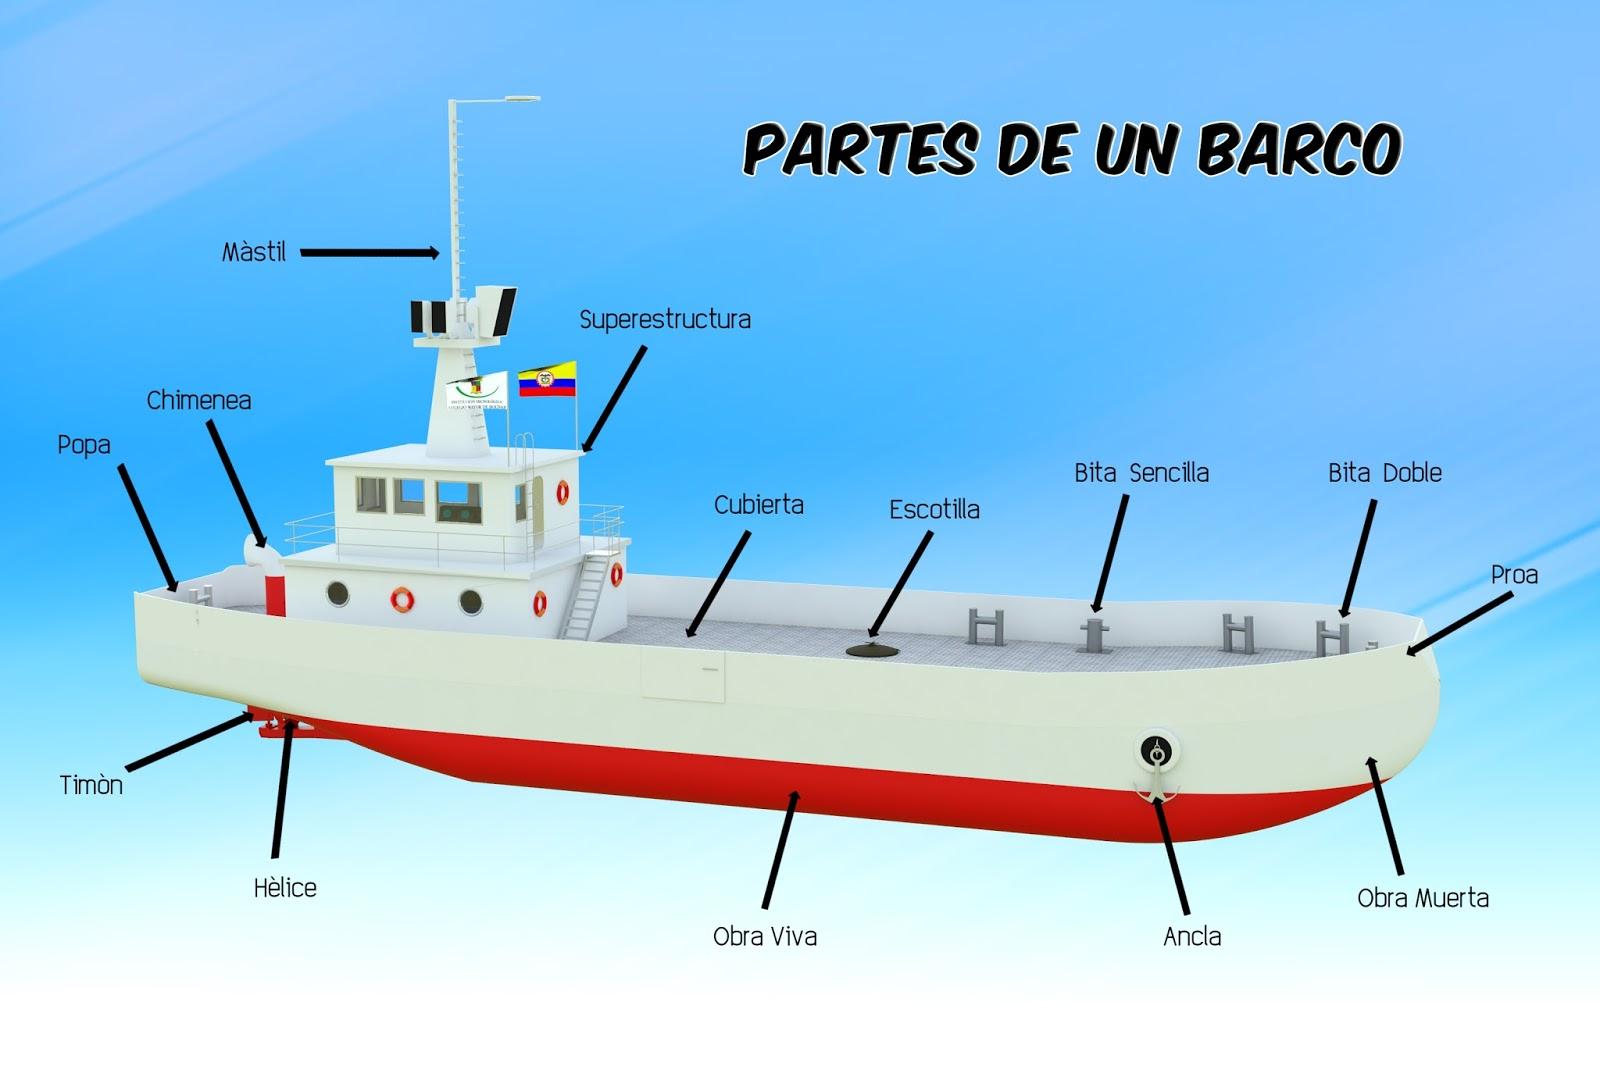 Encuentra aquí información de Elementos del buque